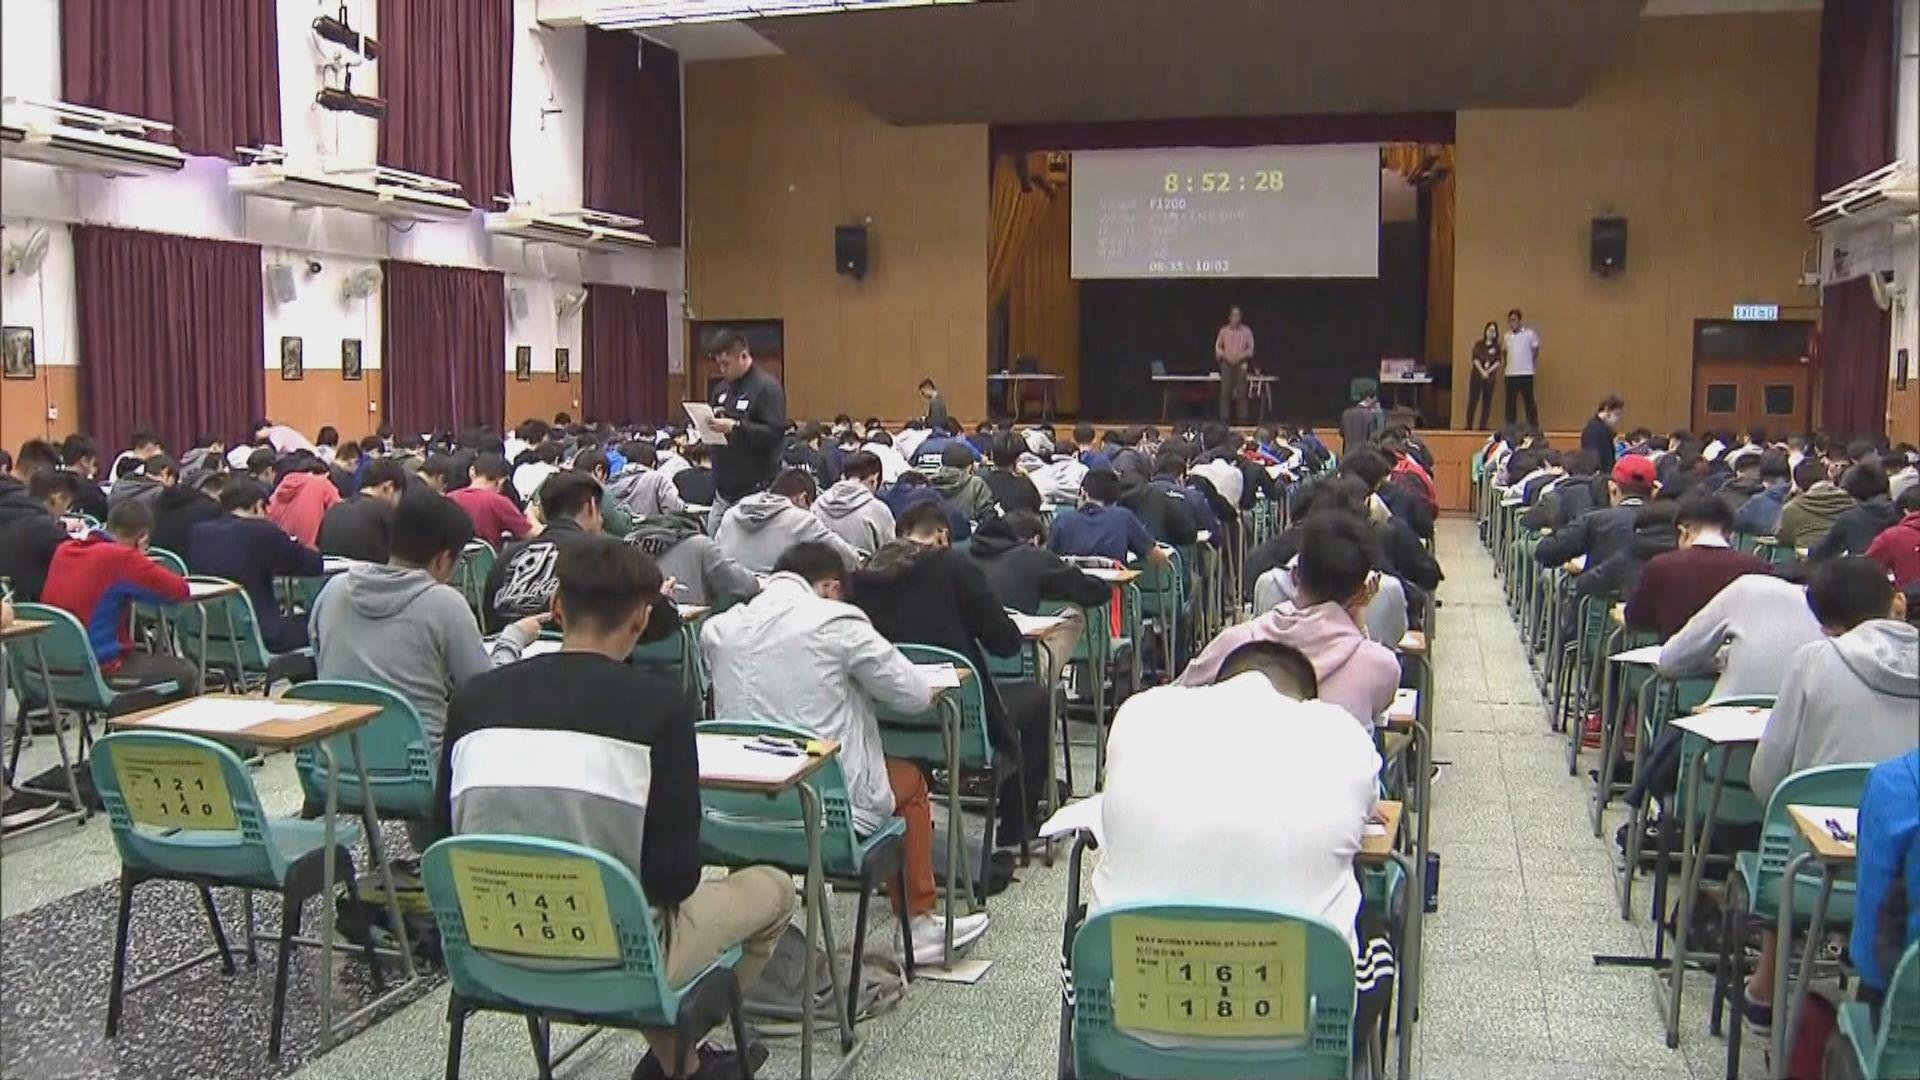 考評局:不會在深圳設試場 倡跨境考生提早赴港隔離